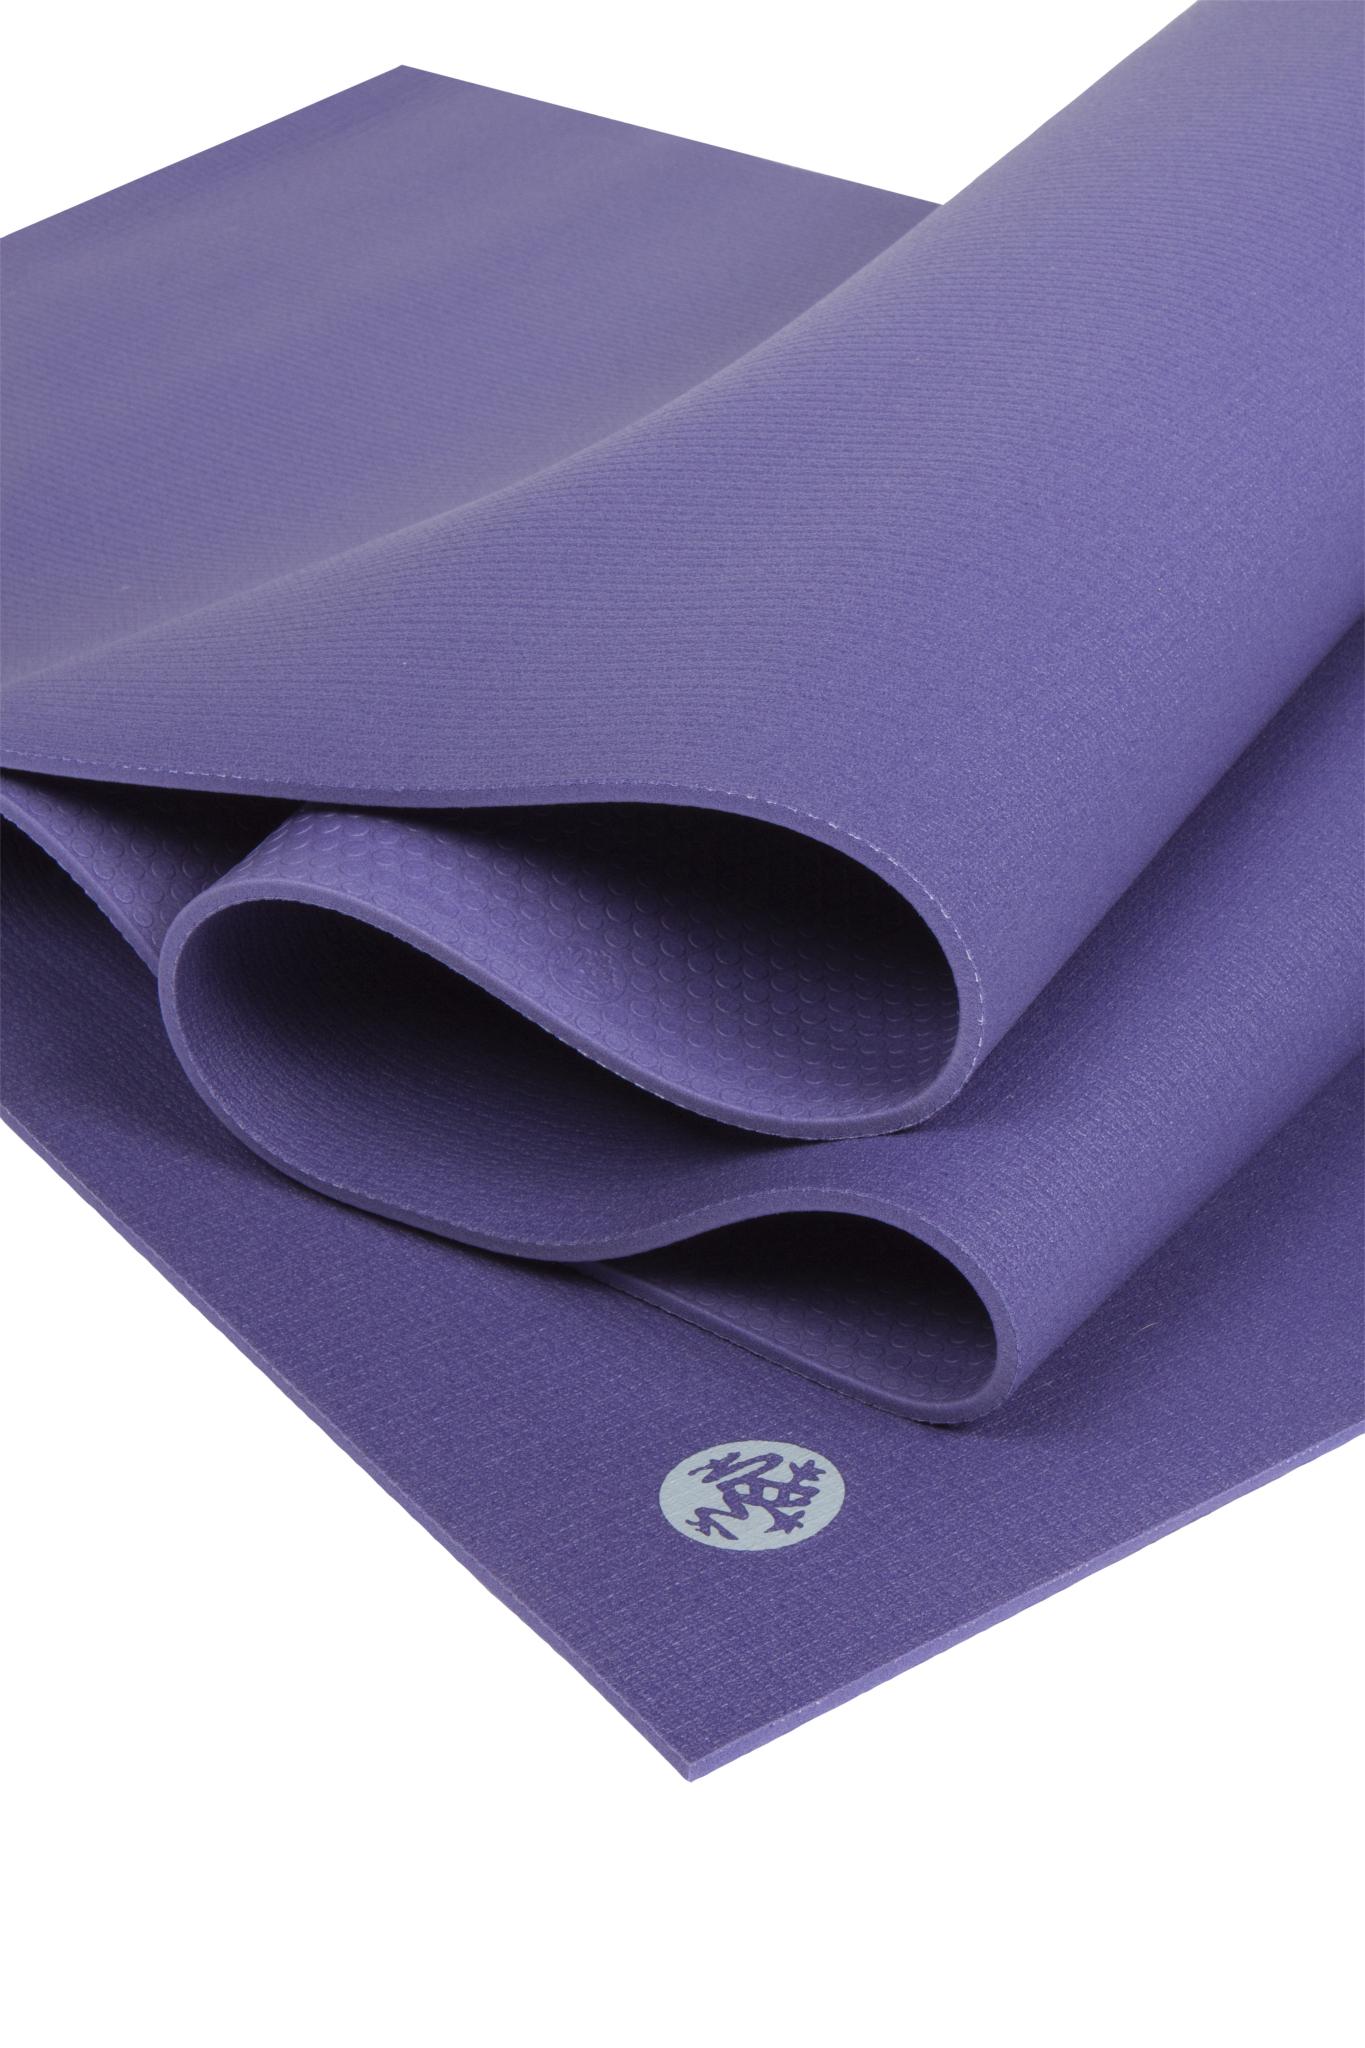 Коврик для йоги Manduka PROlite Mat 4,5мм (2 кг, 180 см, 4.5 мм, сиреневый, 60см (Purple))